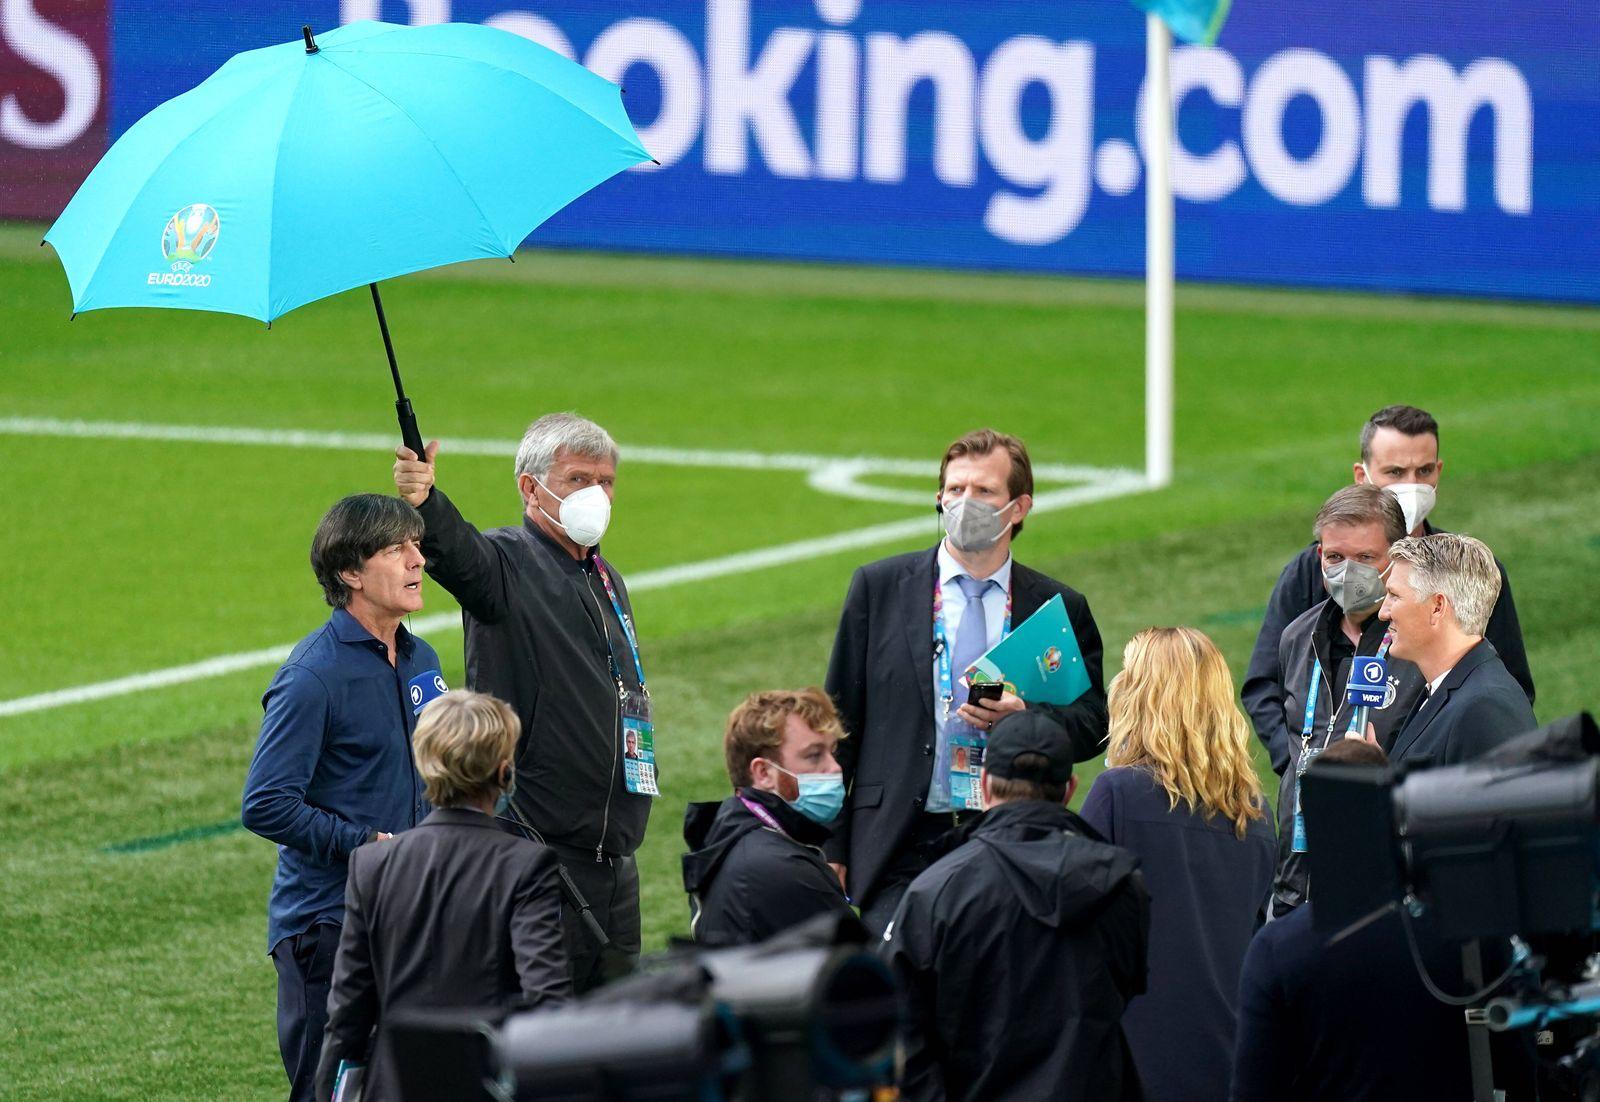 England v Germany - UEFA EURO, EM, Europameisterschaft,Fussball 2020 - Round of 16 - Wembley Stadium Germany manager Joa